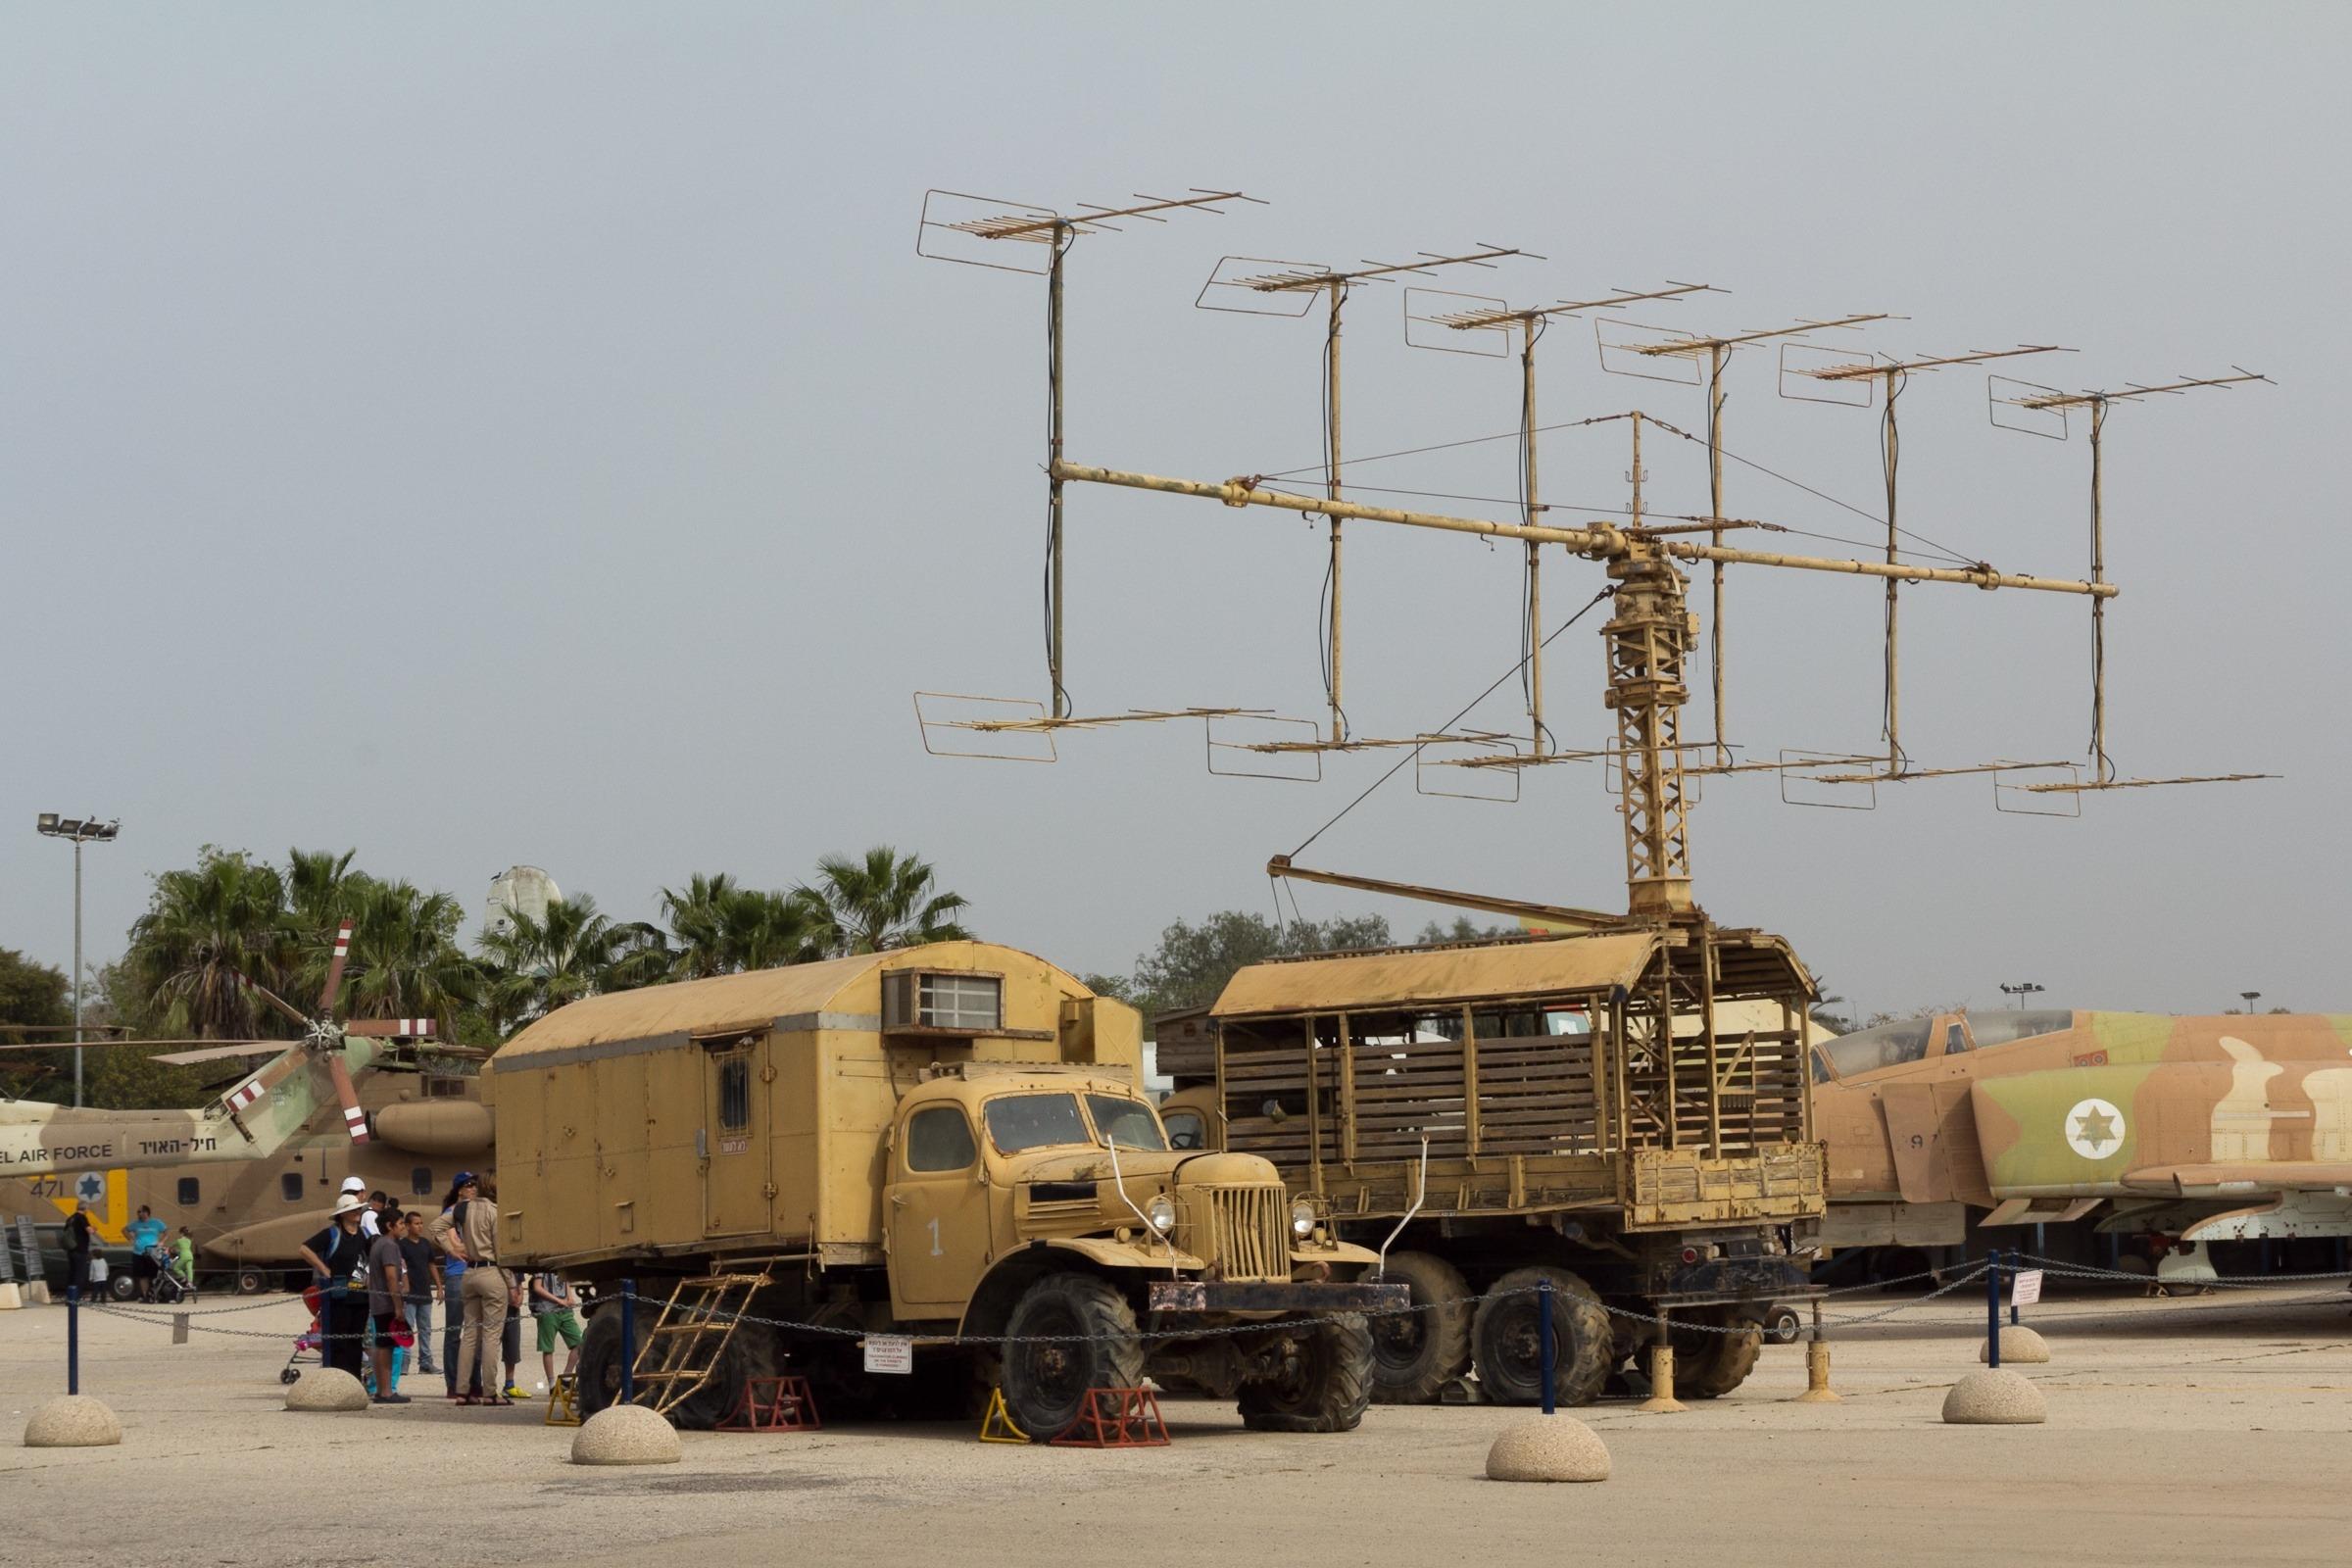 Операция «Петух-53» - можно ли украсть радар?